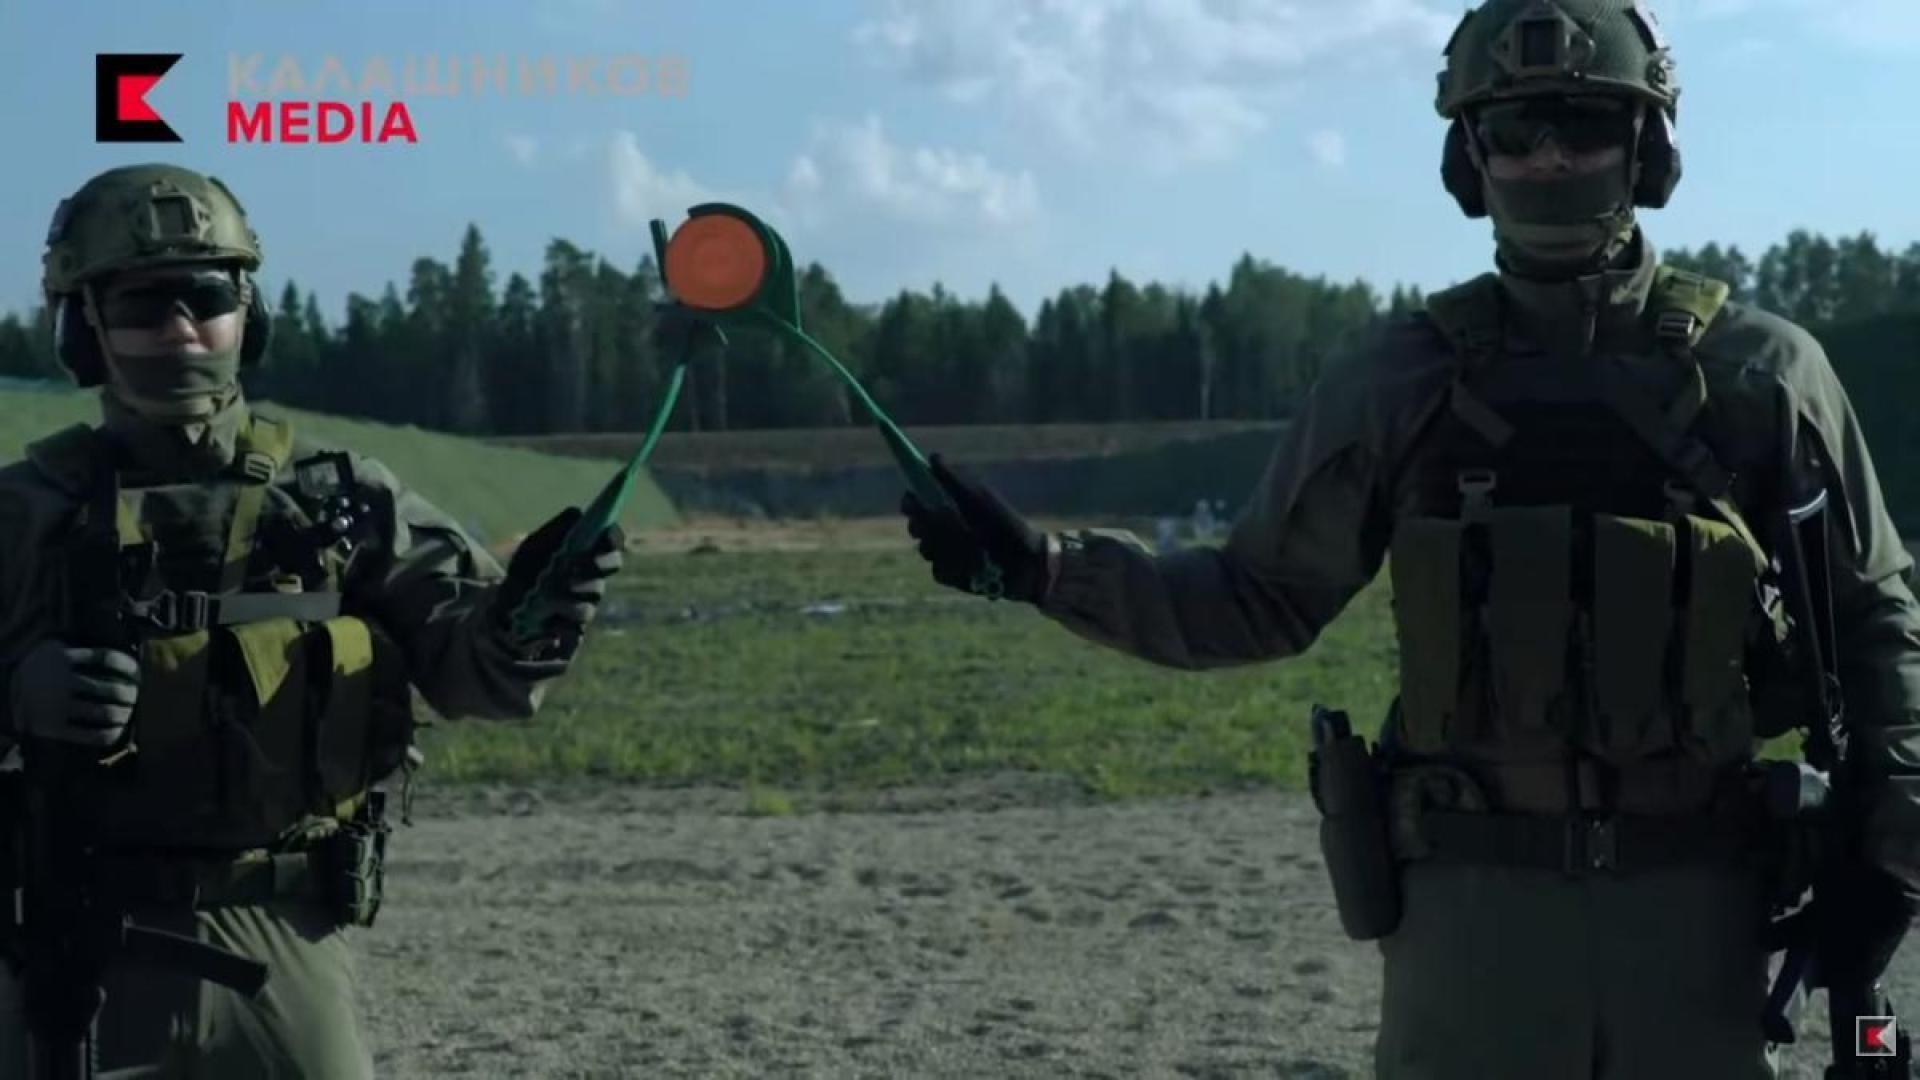 【恐ロシア】ロシアの銃制作会社、向かい合って実弾射撃など狂気の生配信デモンストレーション